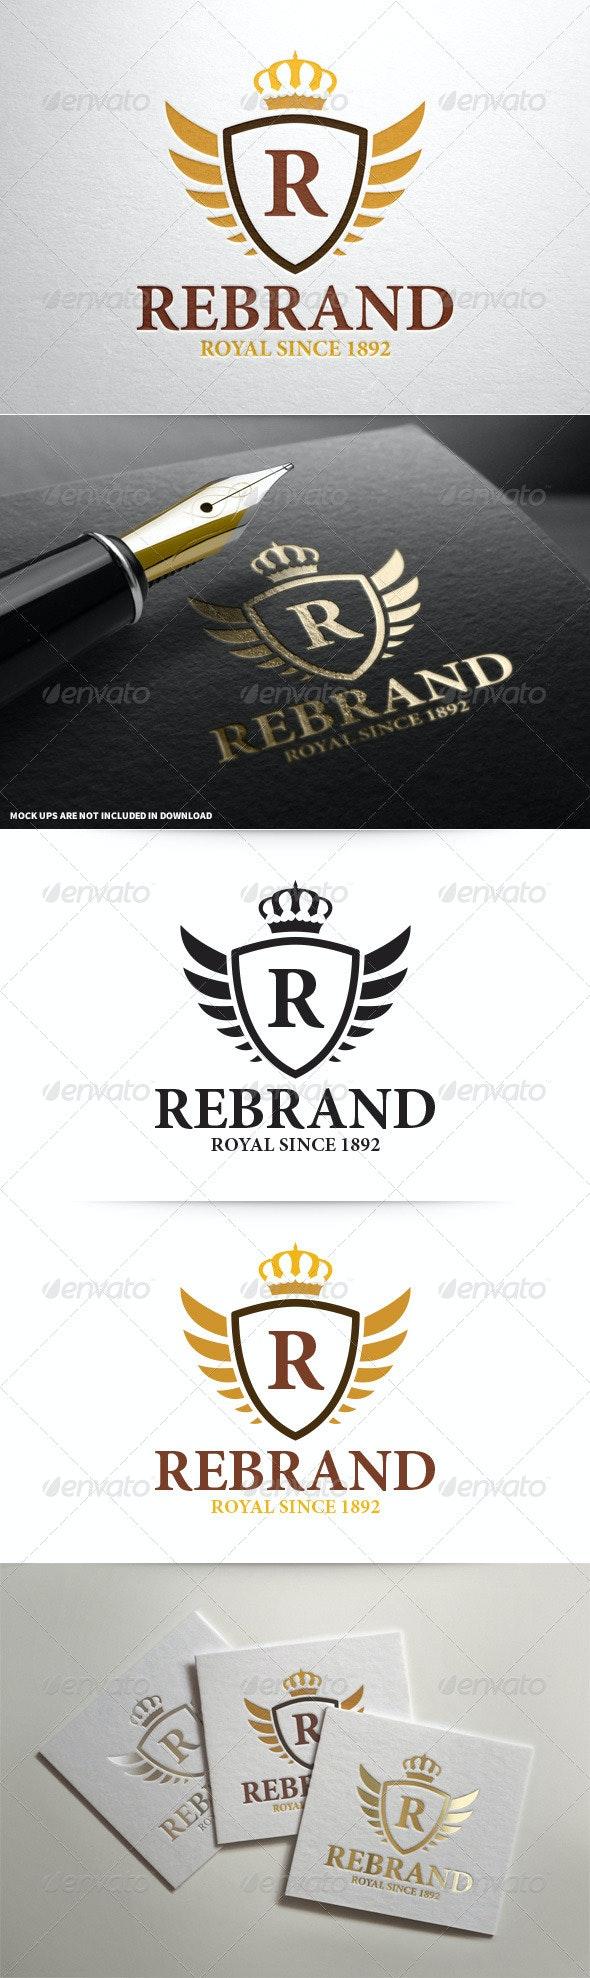 ReBrand - Royal Crest Letter Logo - Crests Logo Templates